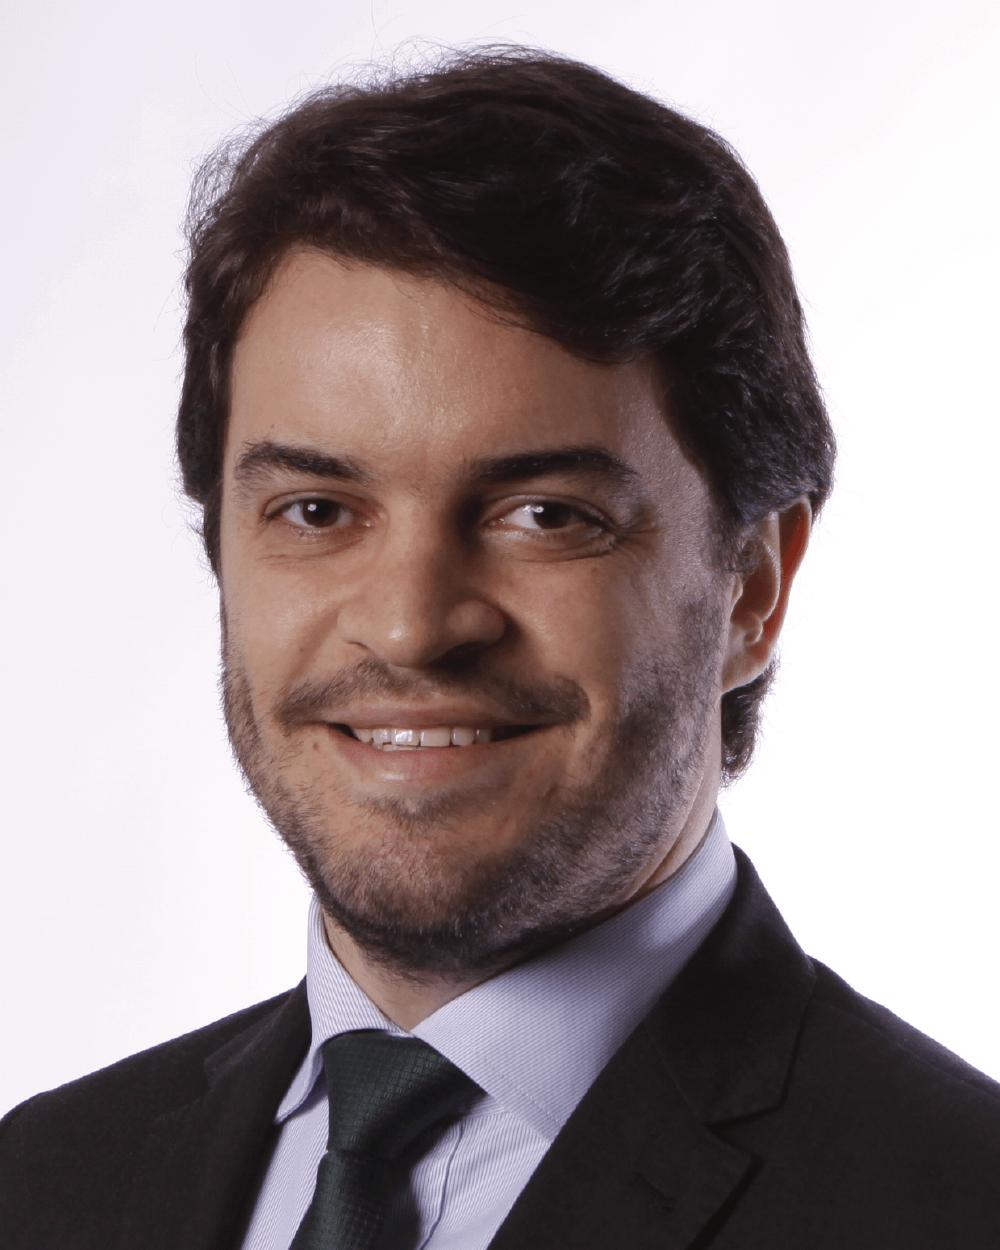 Marcus Vinícius Siqueira Dezem